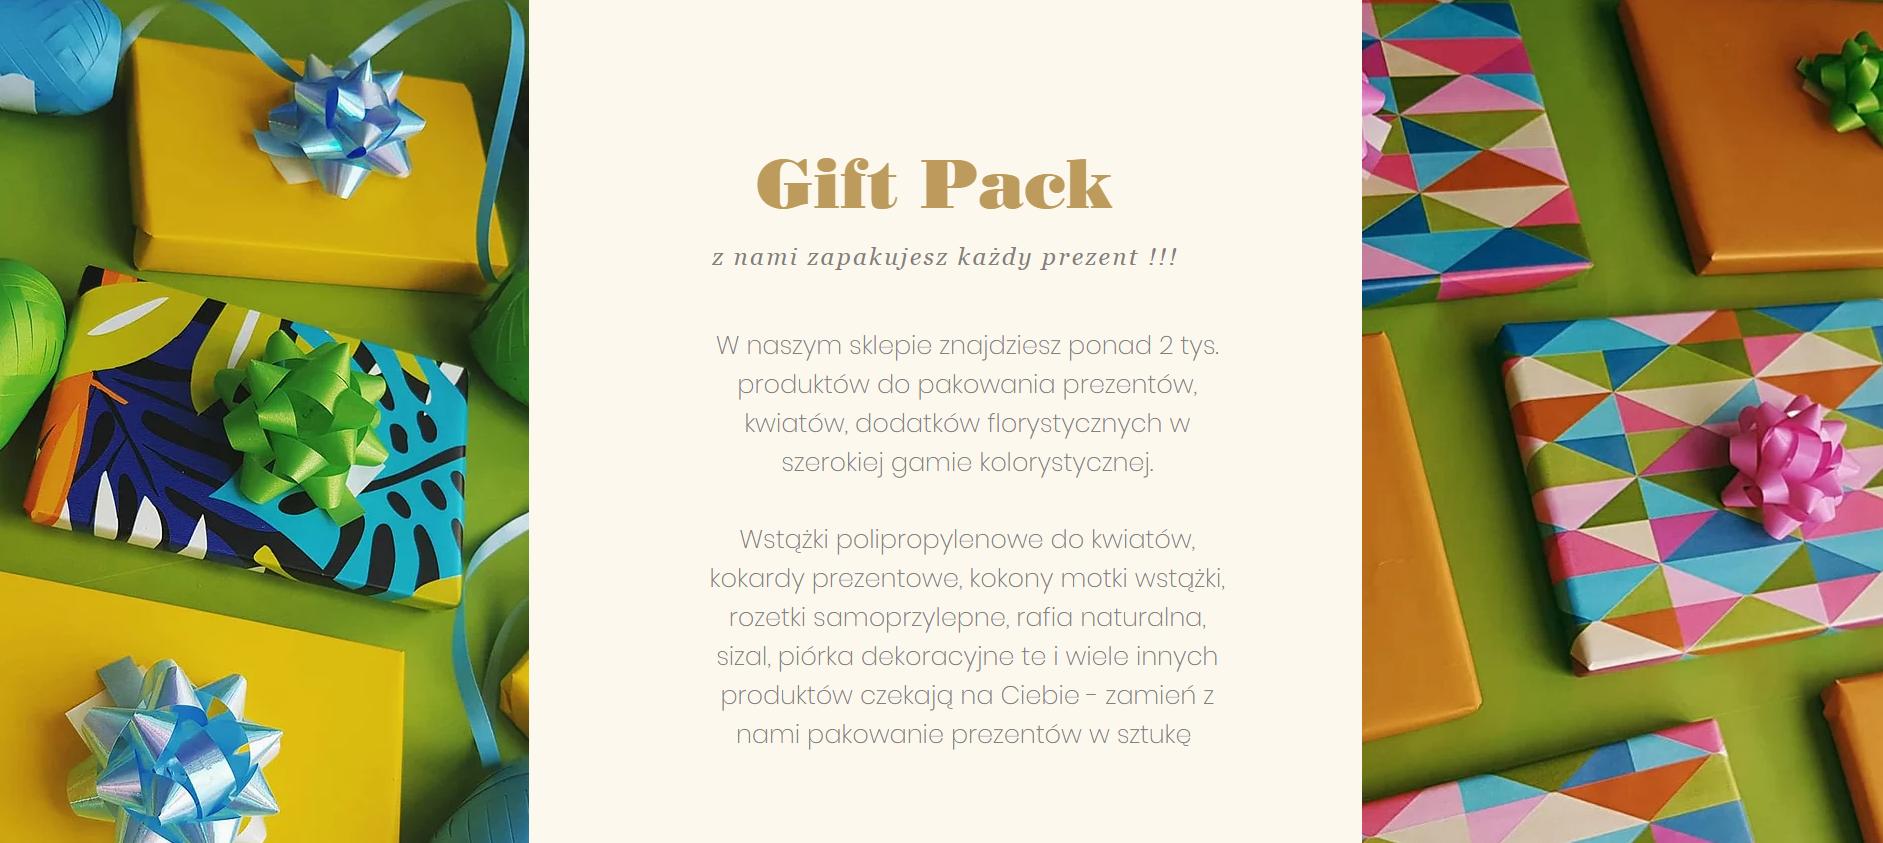 Producent Wstążek I Taśm Do Kwiatów Gift Pack Polska